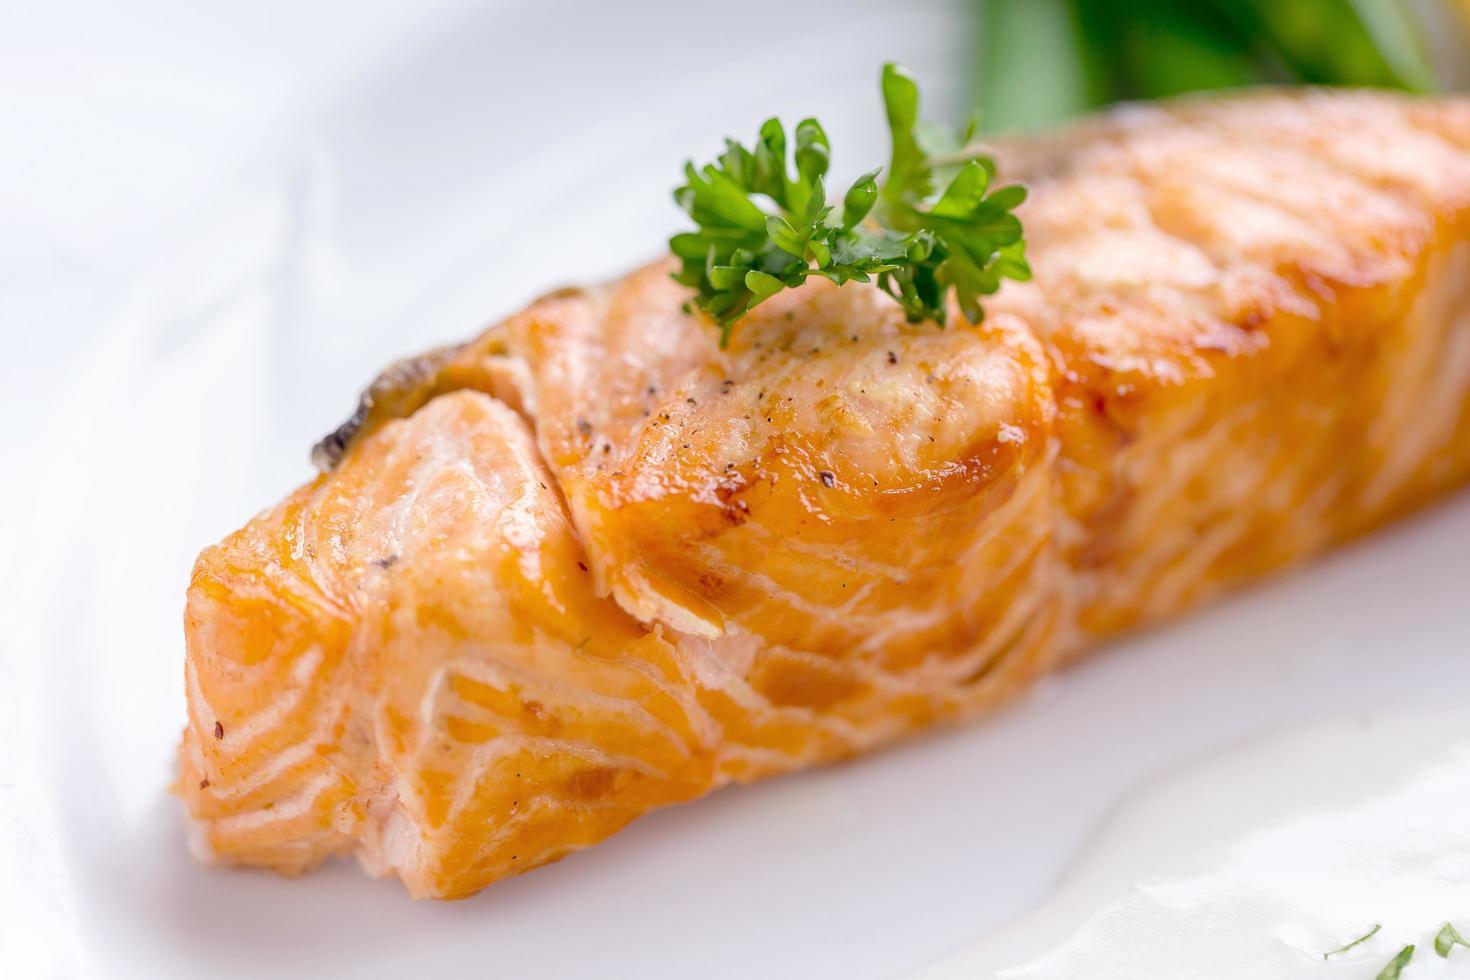 trancio di salmone con besciamella su un piatto bianco foto